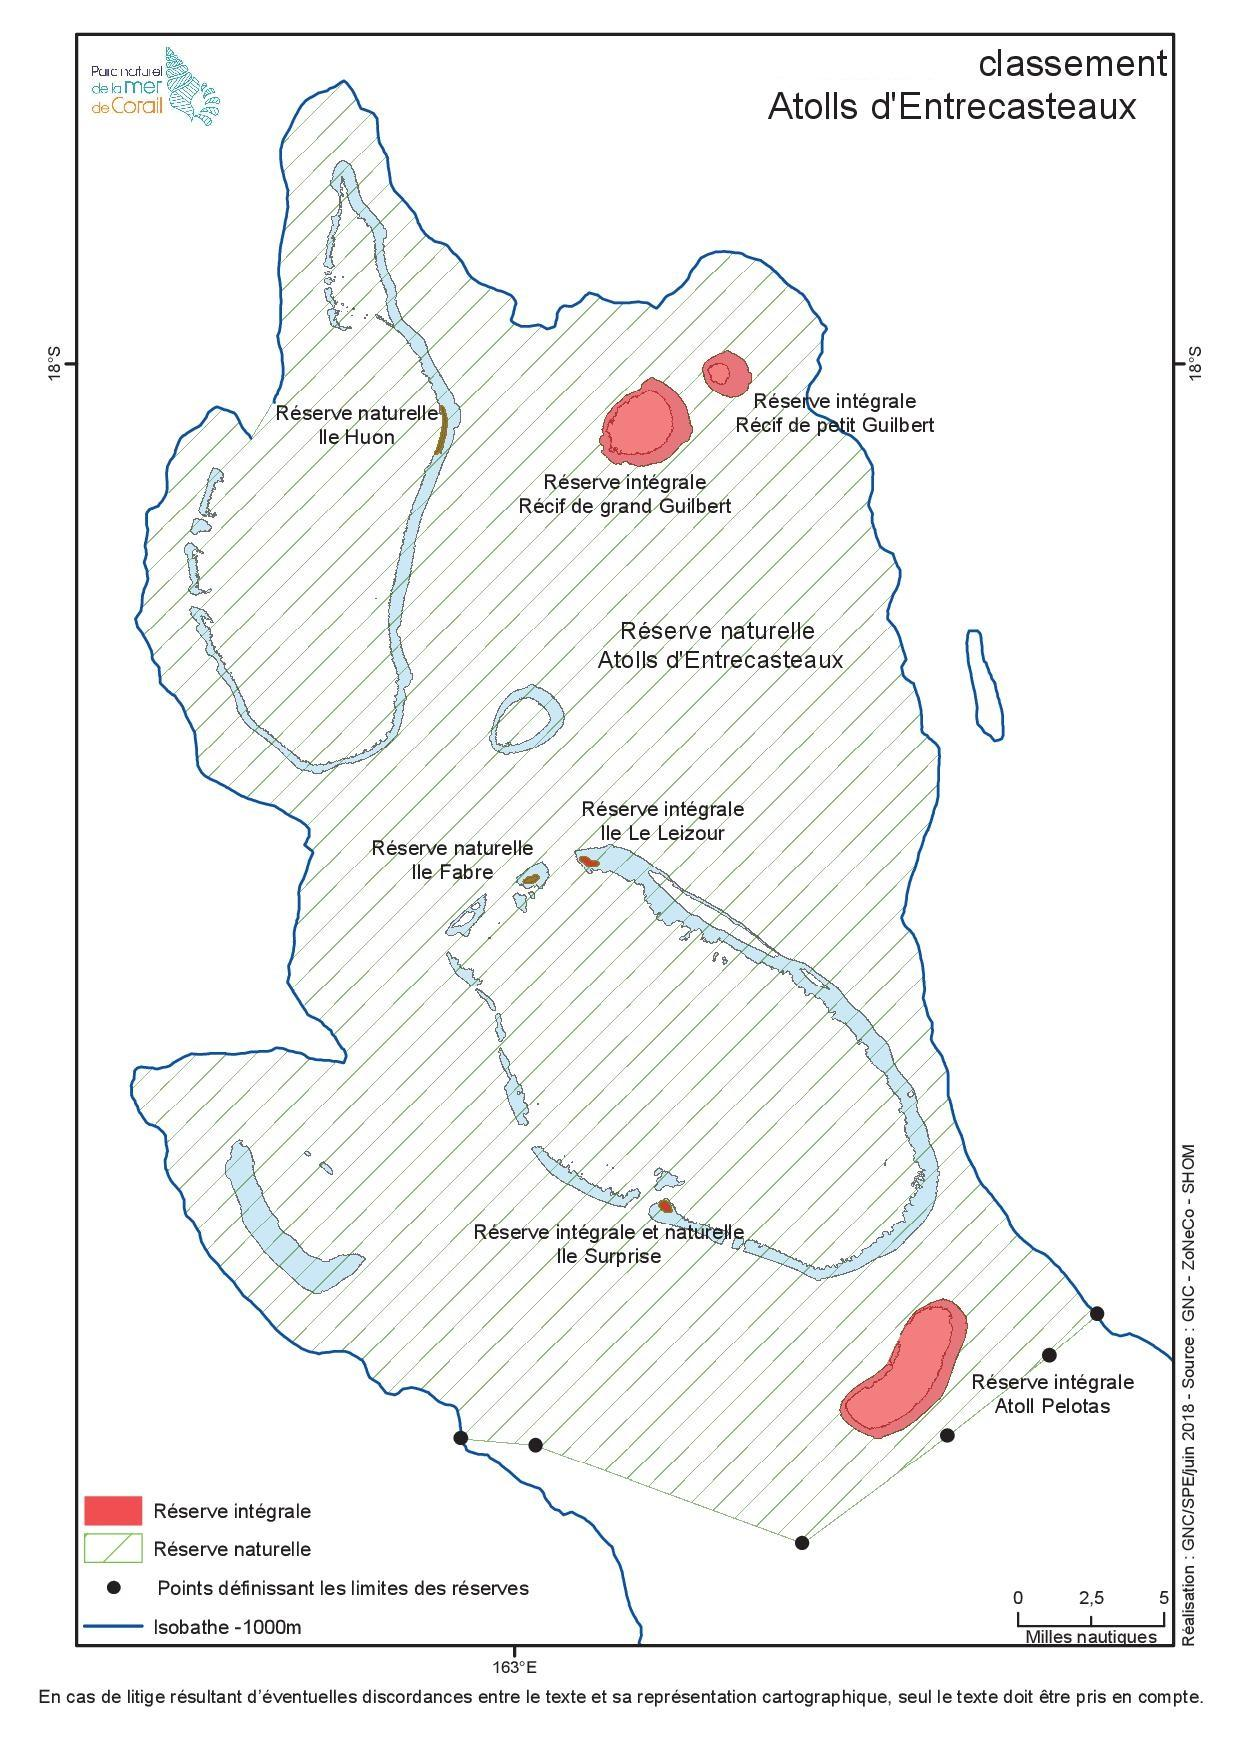 Classement en réserve naturelle et intégrale des atolls d'Entrecasteaux